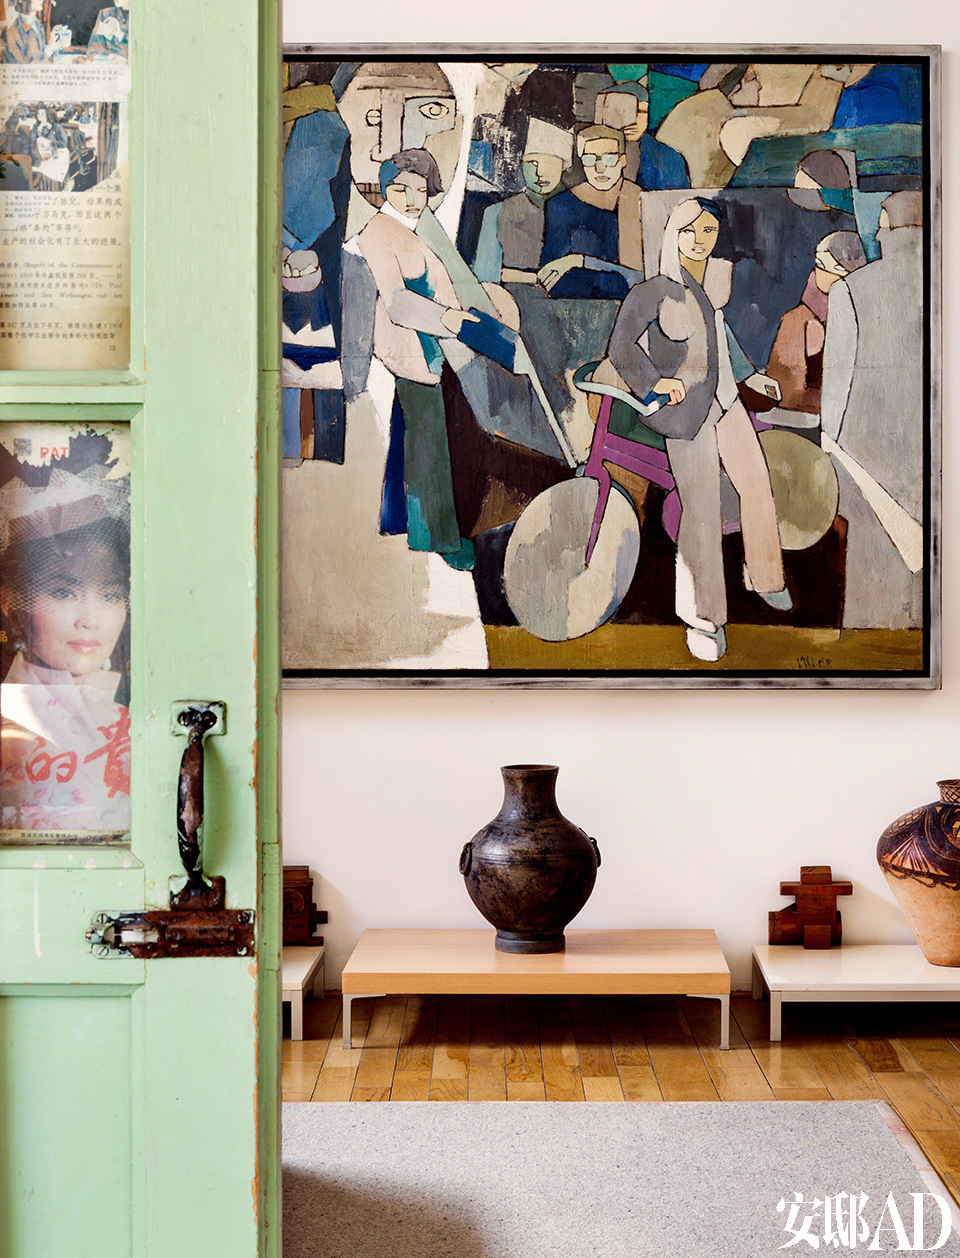 传统旧门做成的屏风,隔出了主卧,墙上的画是黄锐的早期代表作。主卧里挂着黄锐的早期代表作,从上面可以清晰地辨认出他年轻时的挚友、诗人顾城等形象。